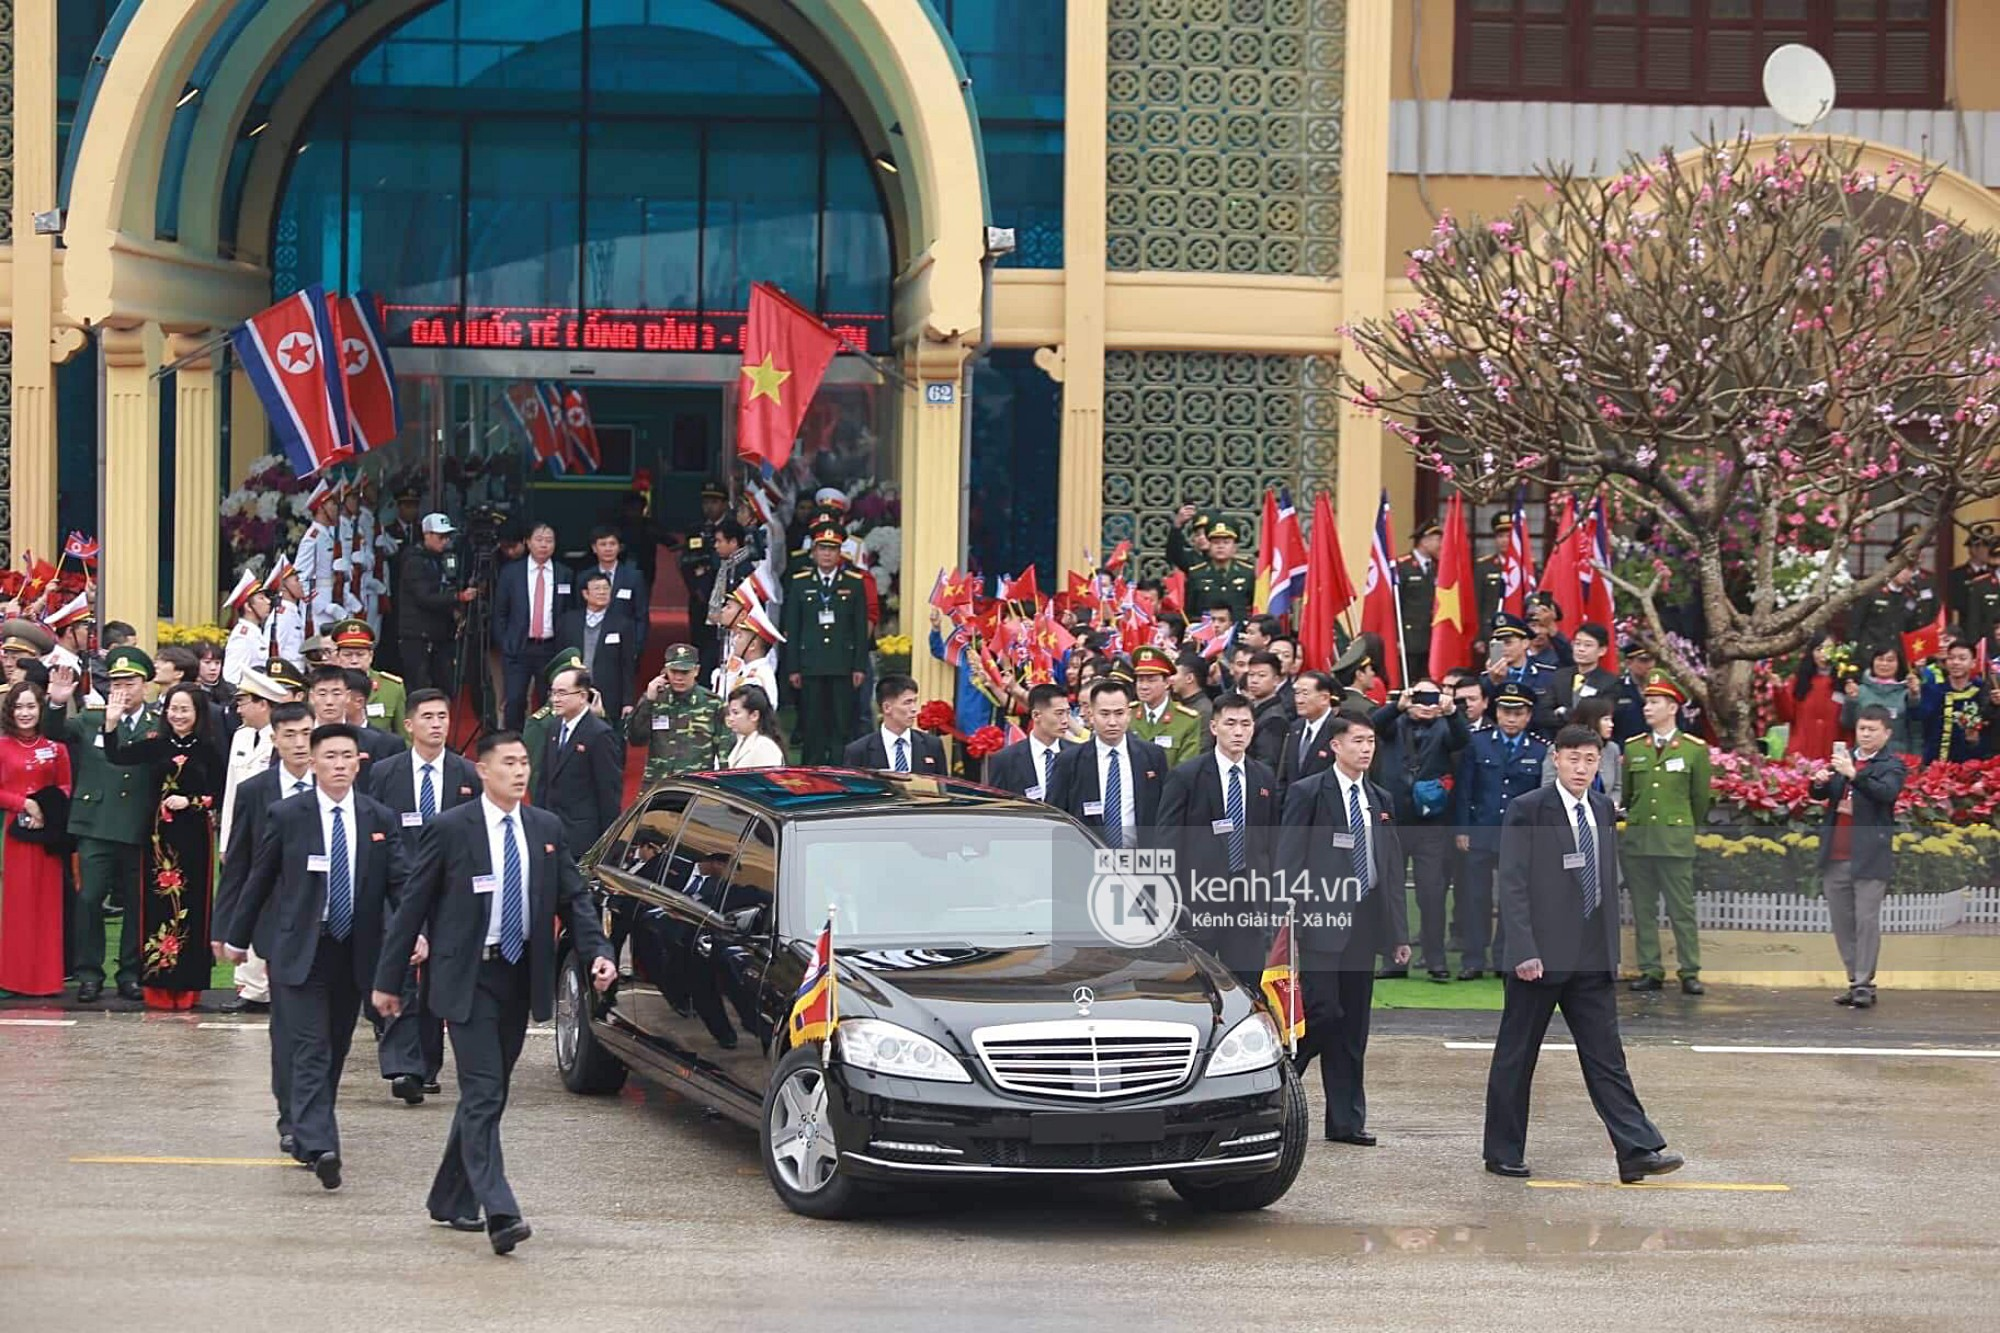 Dàn vệ sĩ tinh nhuệ tái hiện màn chạy bộ ấn tượng bên xe của Chủ tịch Kim Jong-un trước ga Đồng Đăng - Ảnh 4.